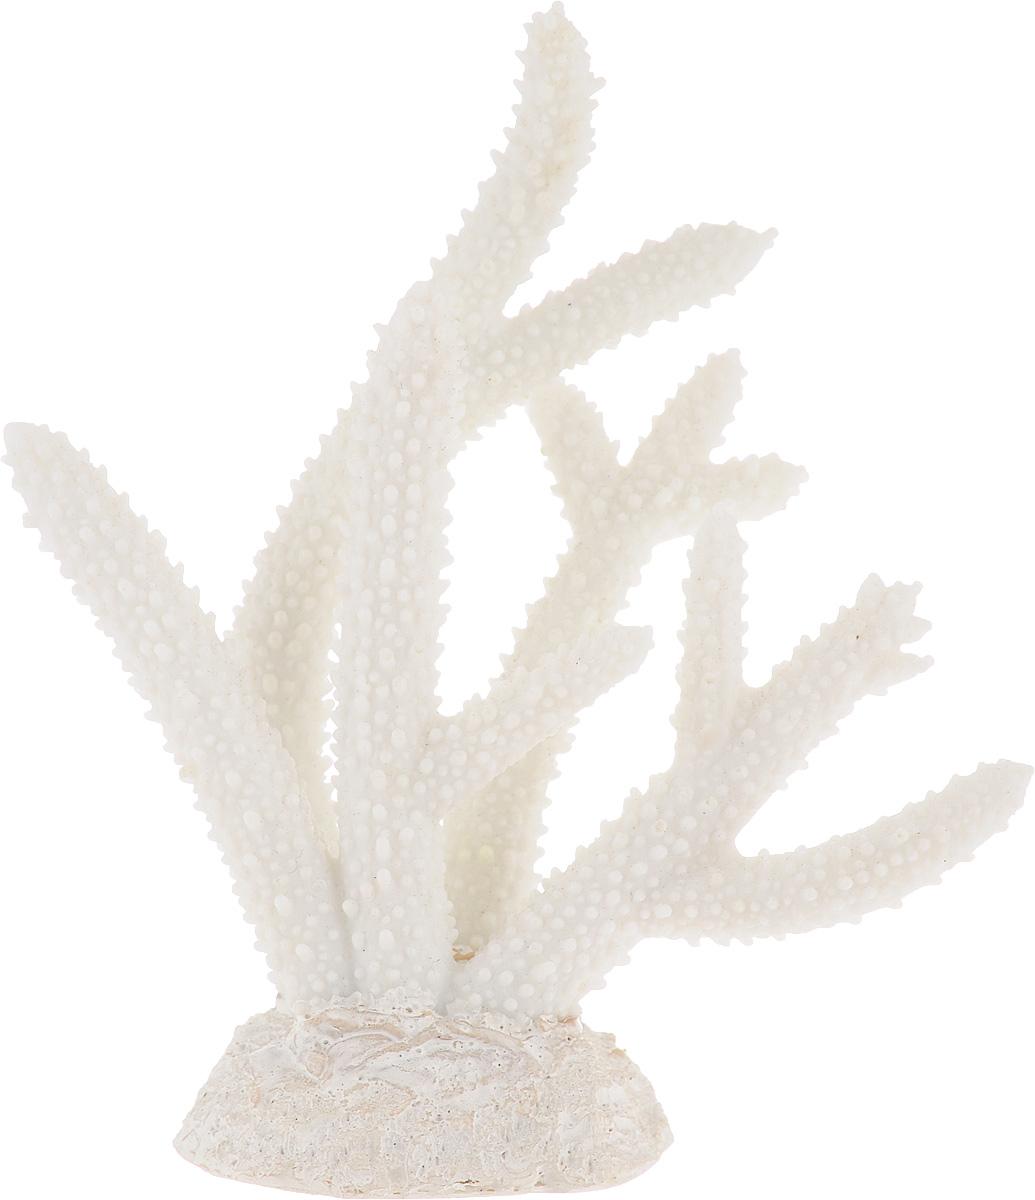 Декорация для аквариума Barbus Коралл, цвет: белый, 14,5 х 4,7 х 15 см0120710Декорация для аквариума Barbus Коралл, выполненная из высококачественного нетоксичного полирезина, станет прекрасным украшением вашего аквариума. Изделие отличается реалистичным исполнением с множеством мелких деталей. Декорация абсолютно безопасна, нейтральна к водному балансу, устойчива к истиранию краски, подходит как для пресноводного, так и для морского аквариума. Благодаря декорациям Barbus вы сможете смоделировать потрясающий пейзаж на дне вашего аквариума или террариума.